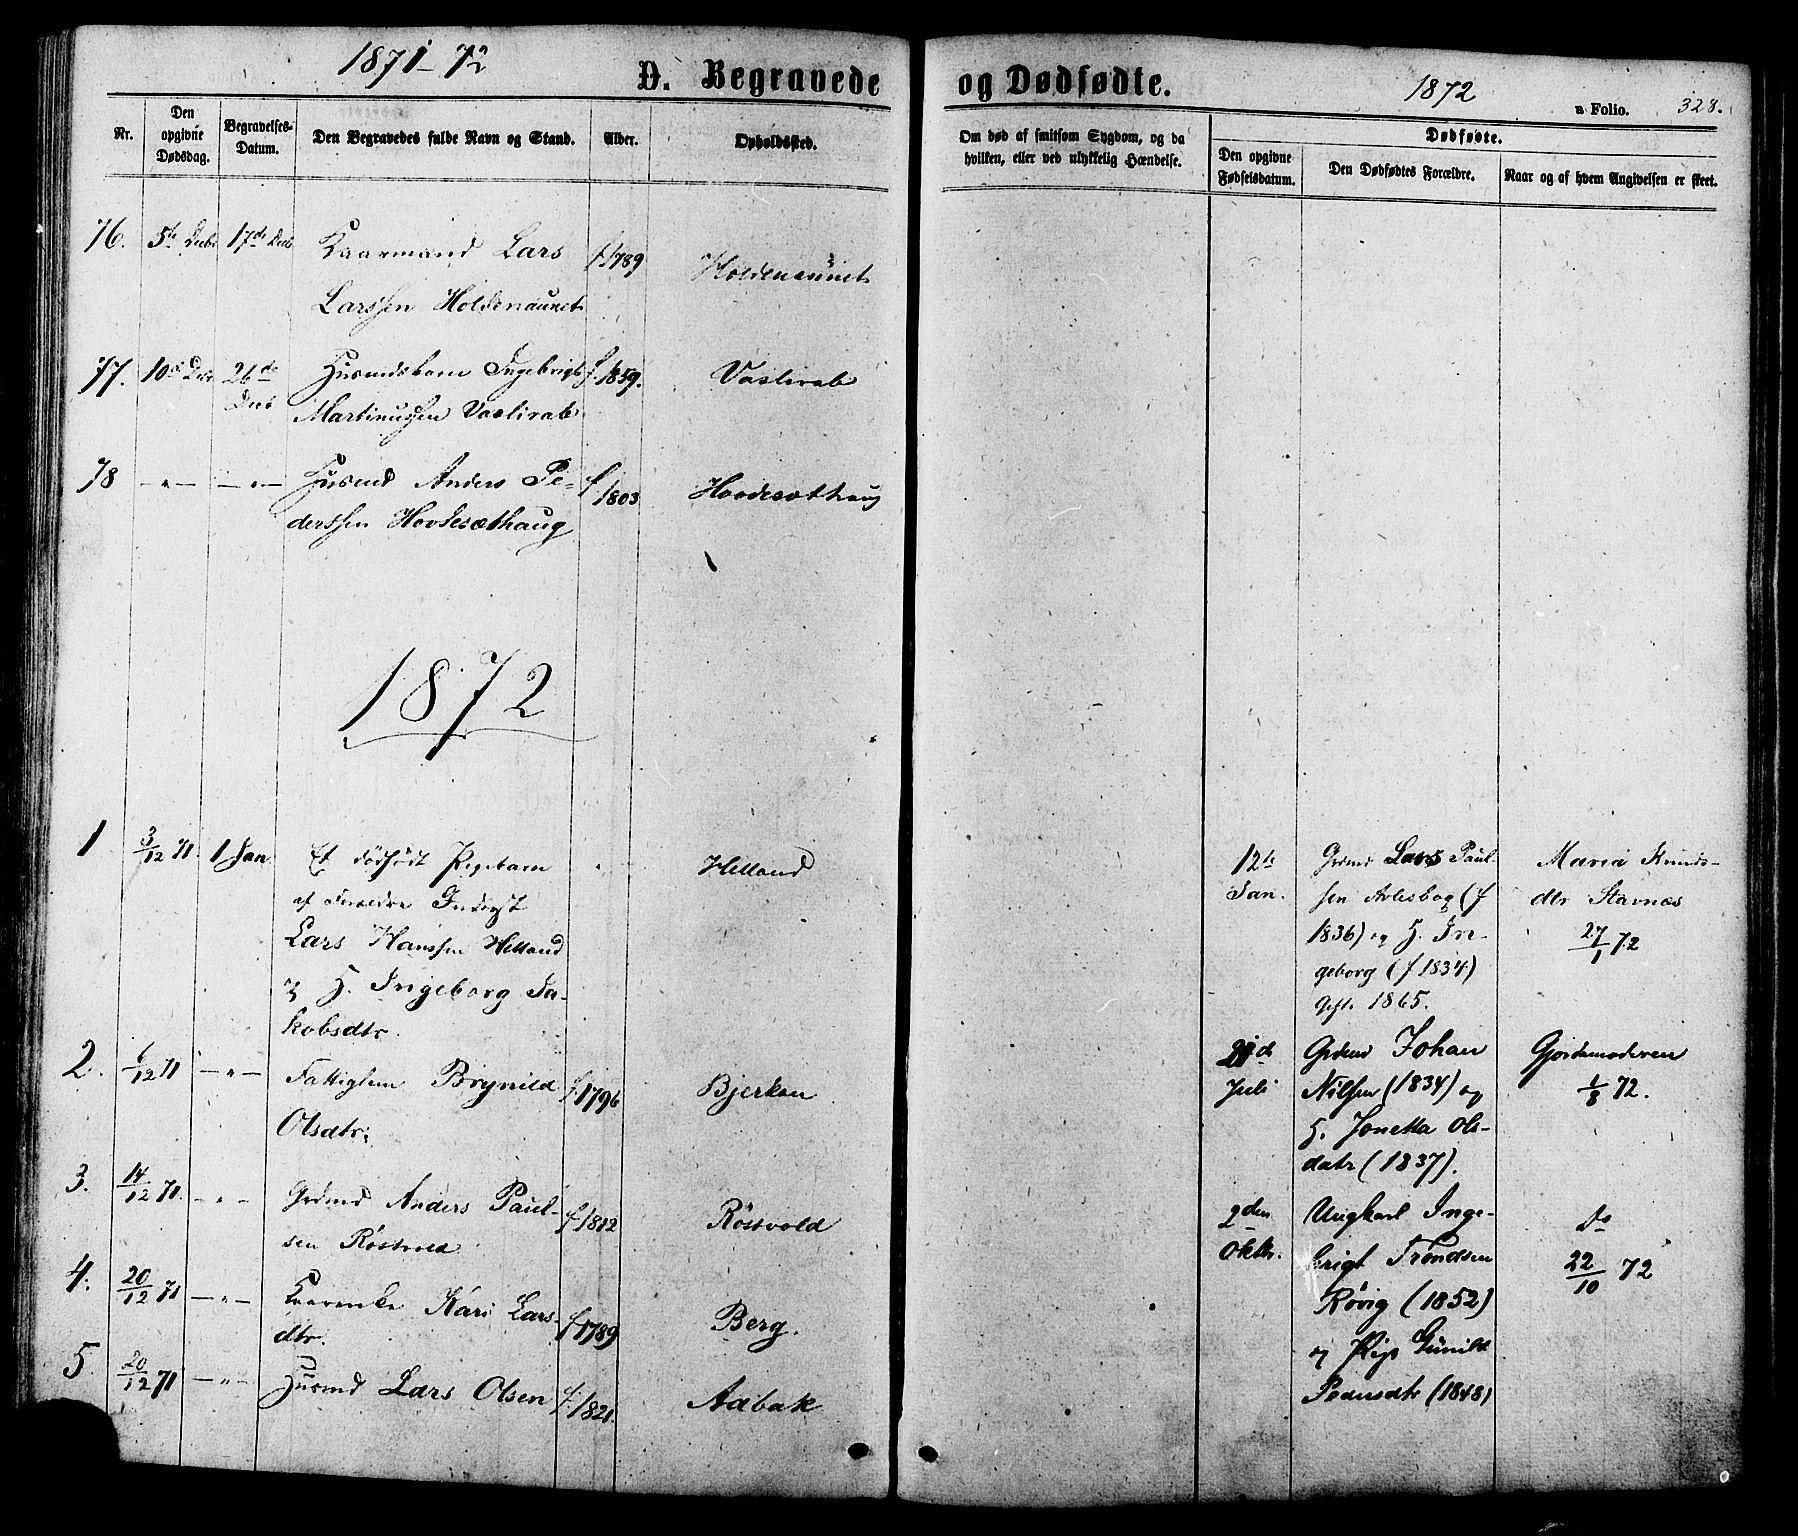 SAT, Ministerialprotokoller, klokkerbøker og fødselsregistre - Sør-Trøndelag, 630/L0495: Ministerialbok nr. 630A08, 1868-1878, s. 328